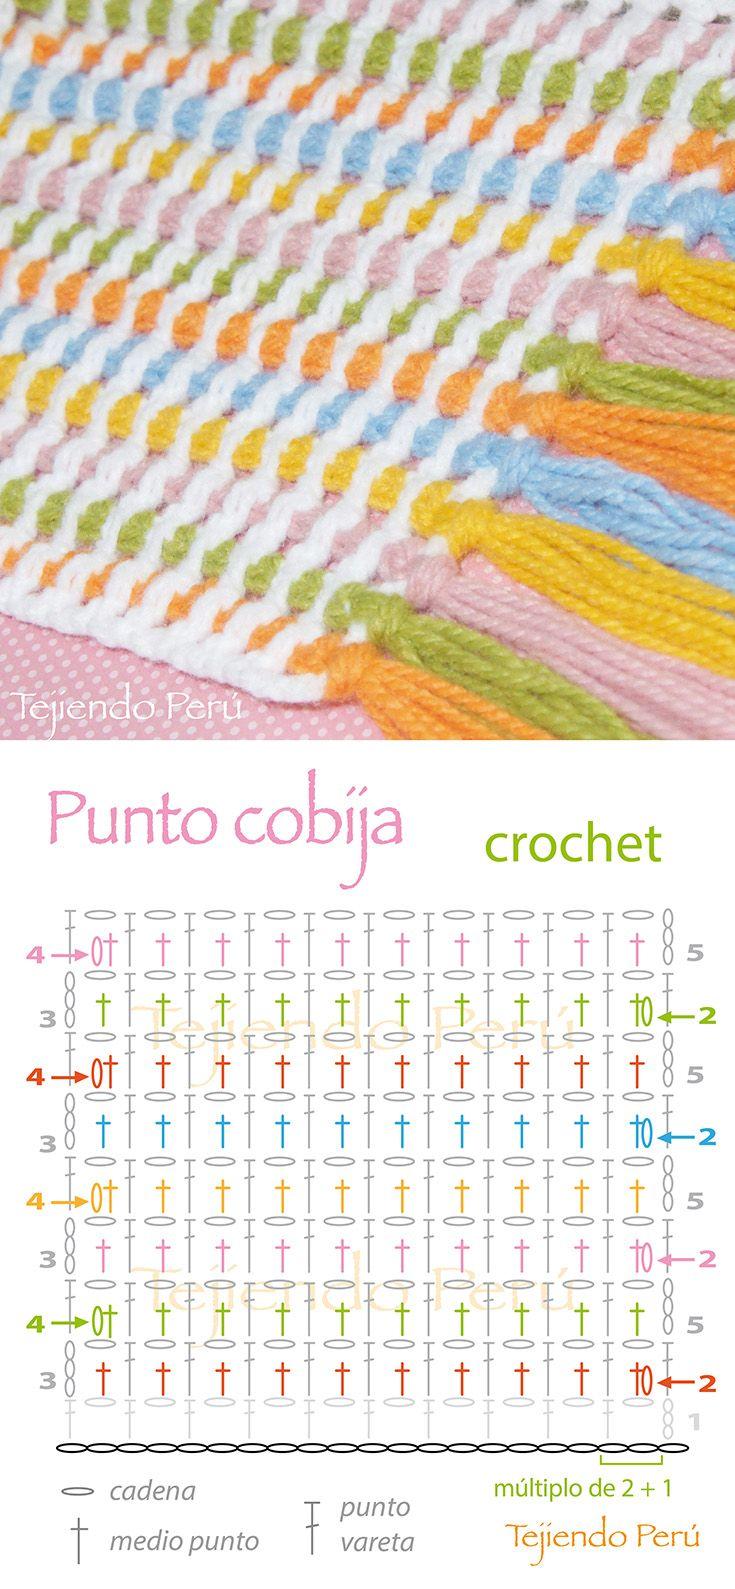 Crochet stitch chart pattern